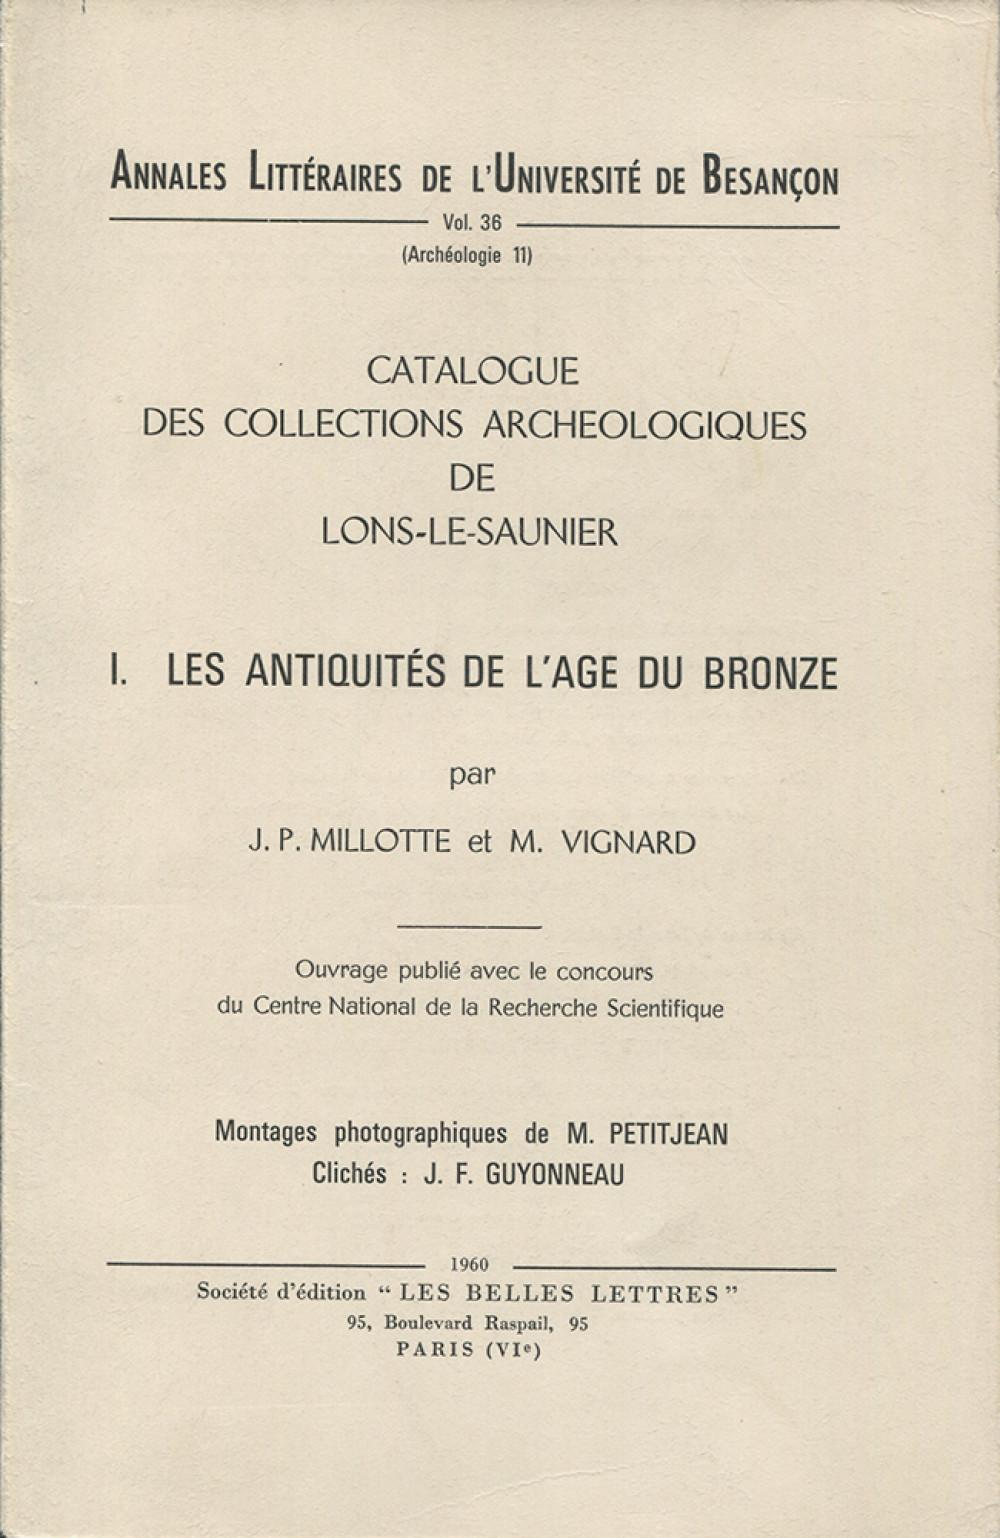 Catalogue des collections archéologiques de Lons-le-Saunier I